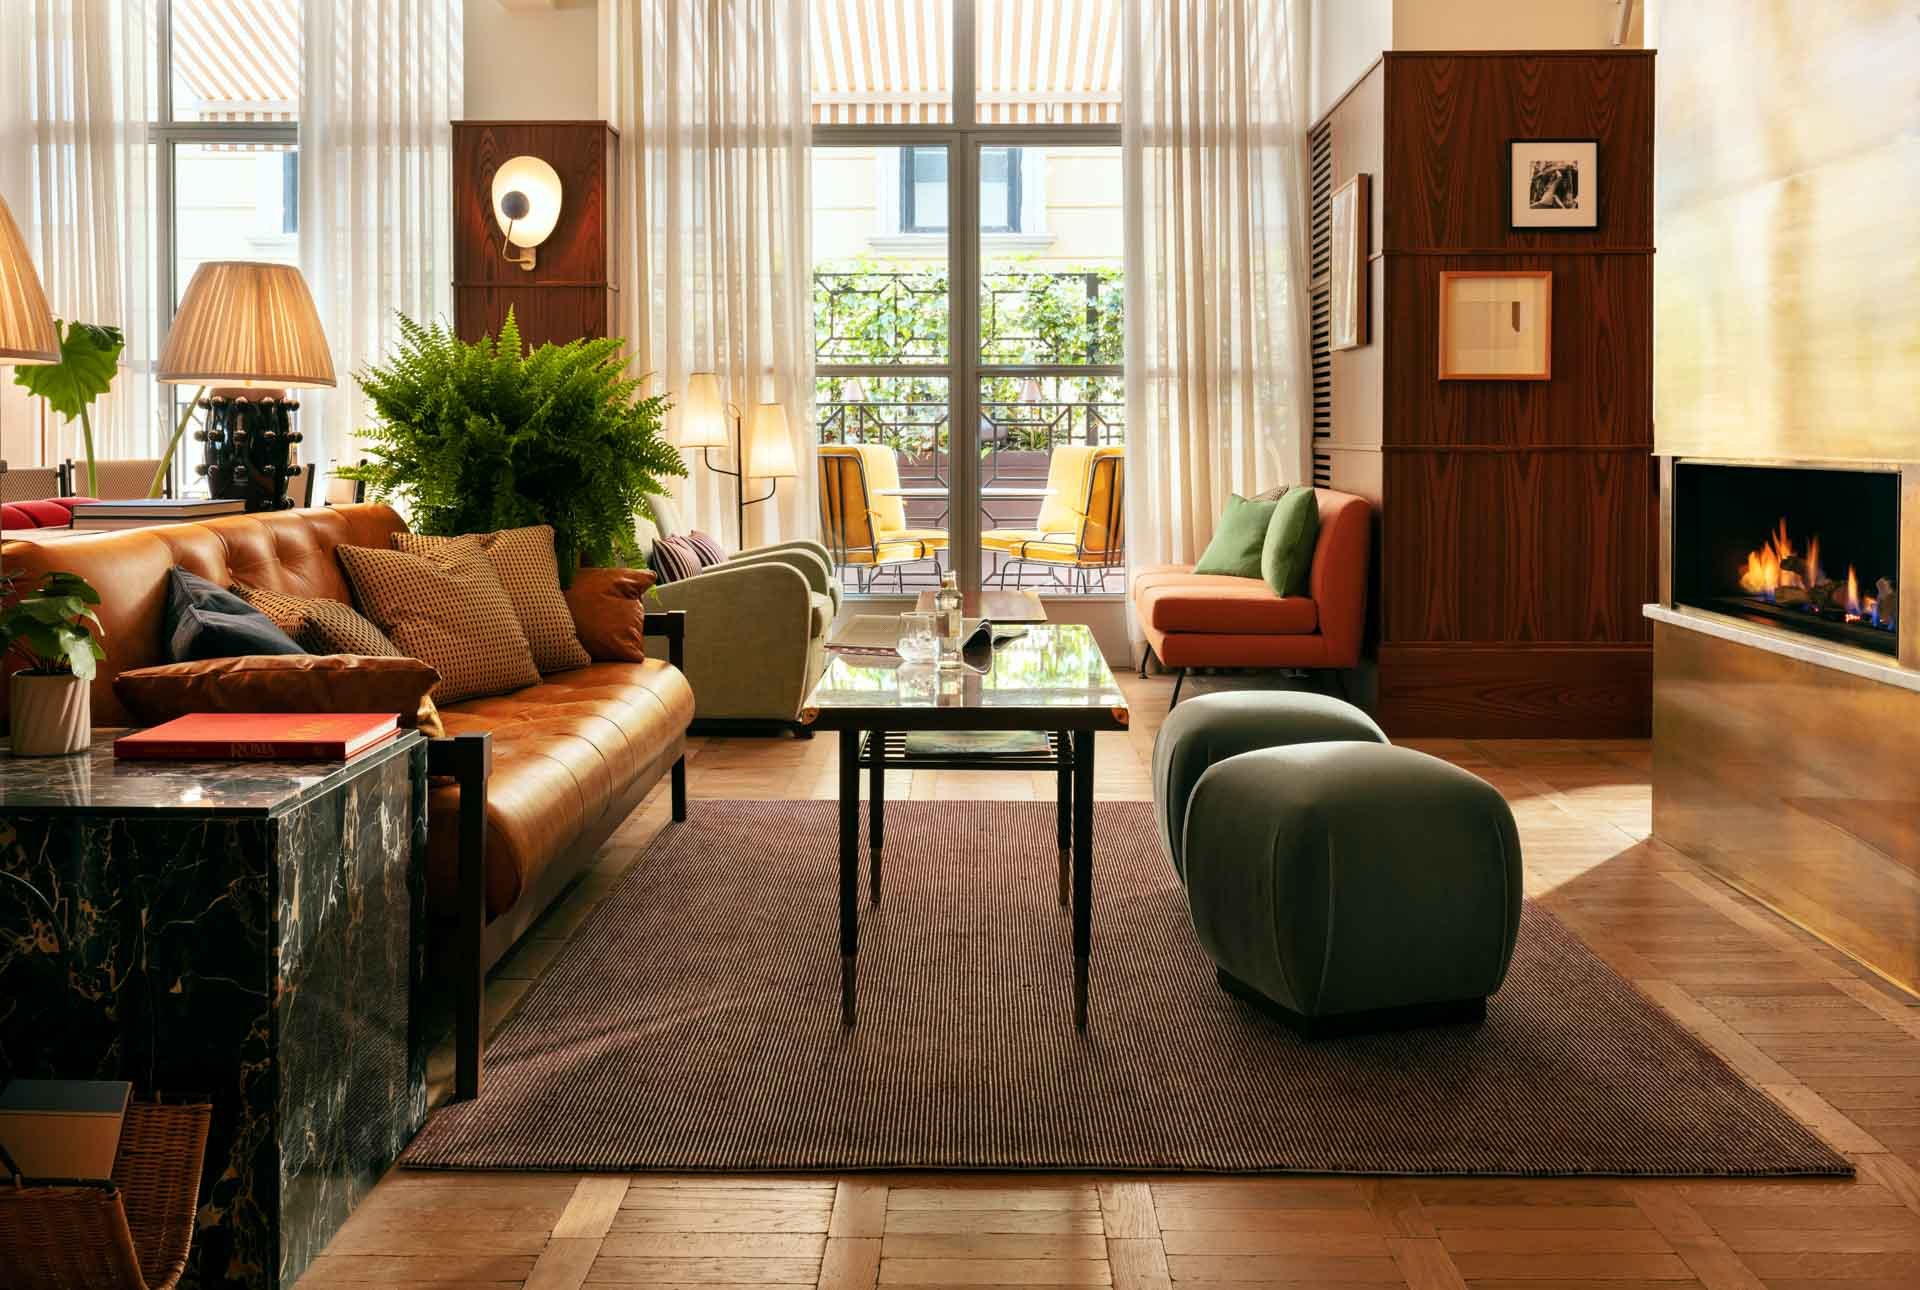 L'esprit branché de Shoreditch se mêle à l'Italie des années 50 dans le lobby